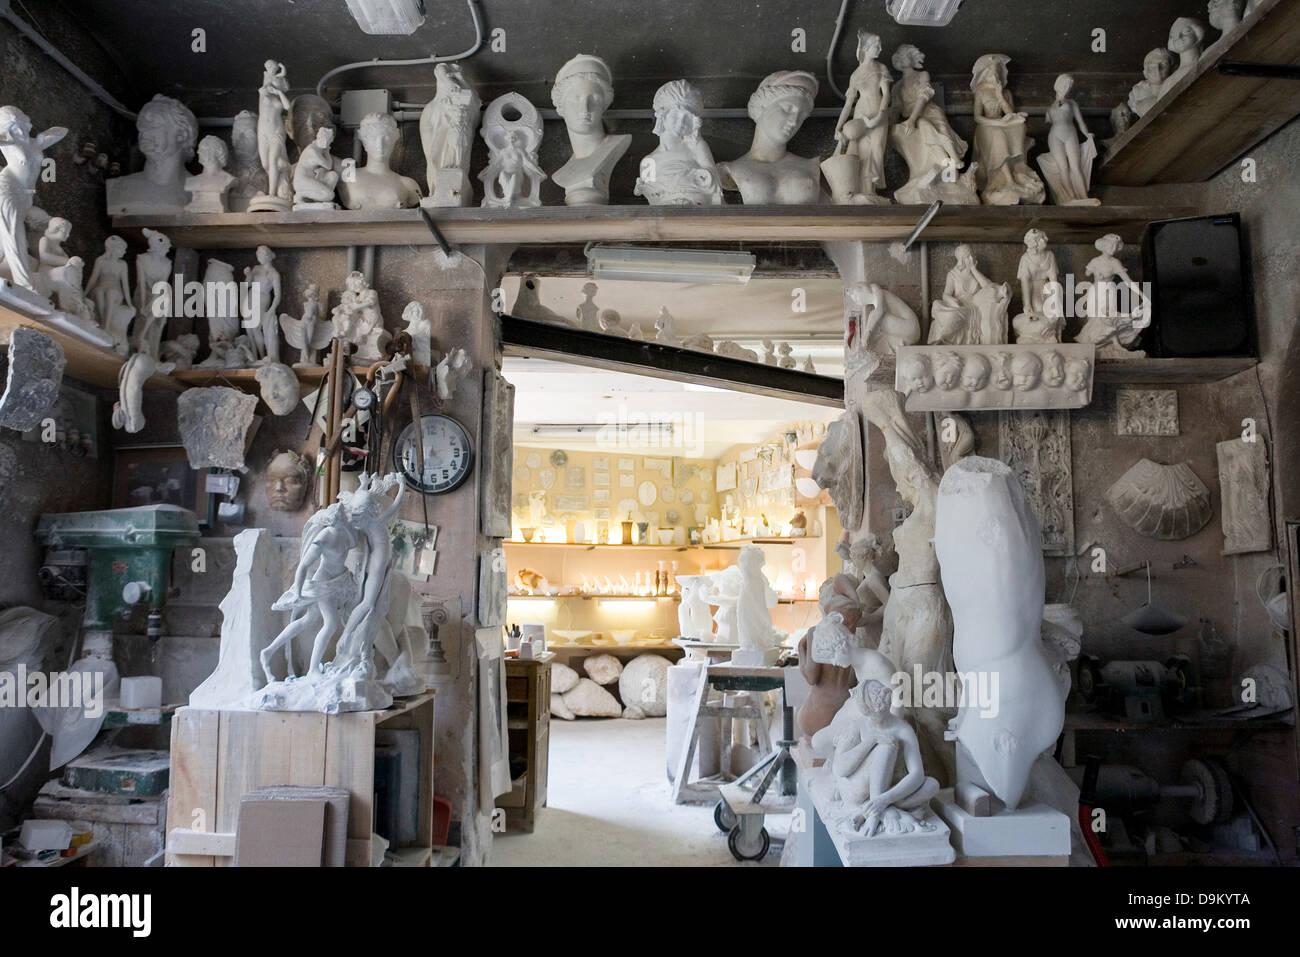 Grand groupe d'art et de la sculpture dans l'atelier de l'artiste Photo Stock